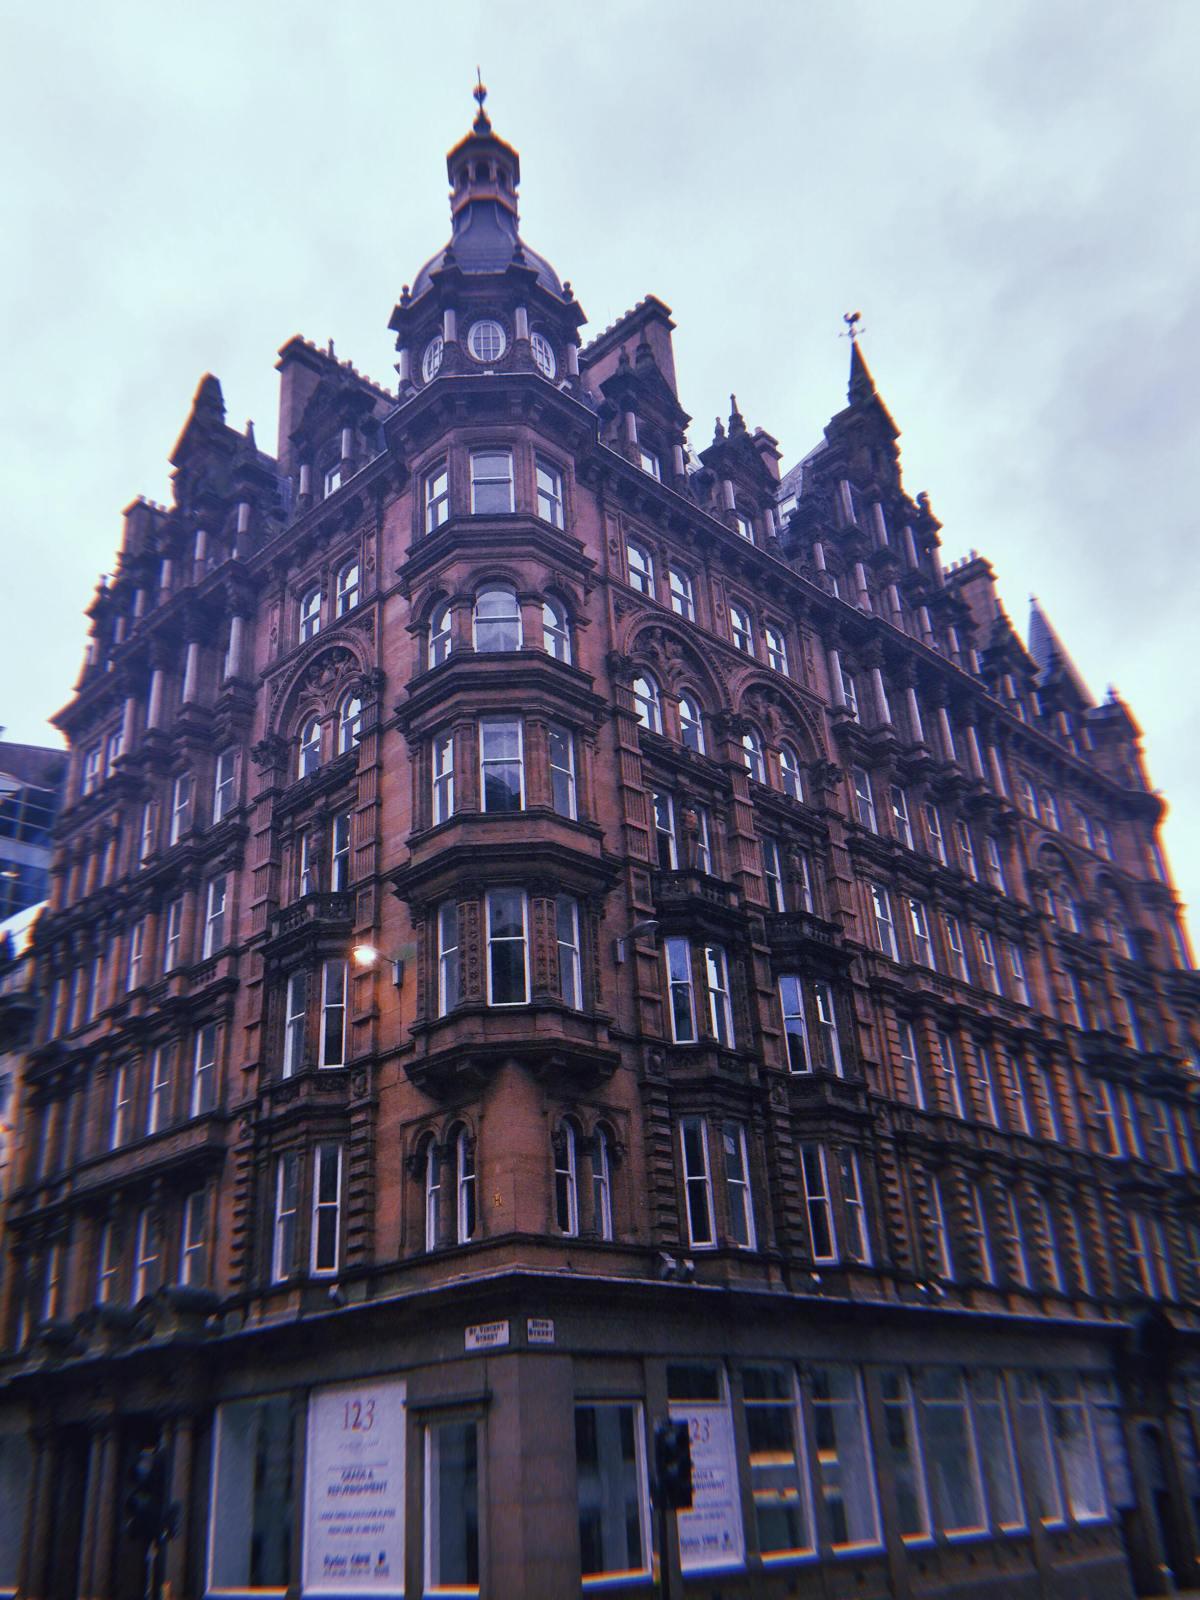 21 in Glasgow